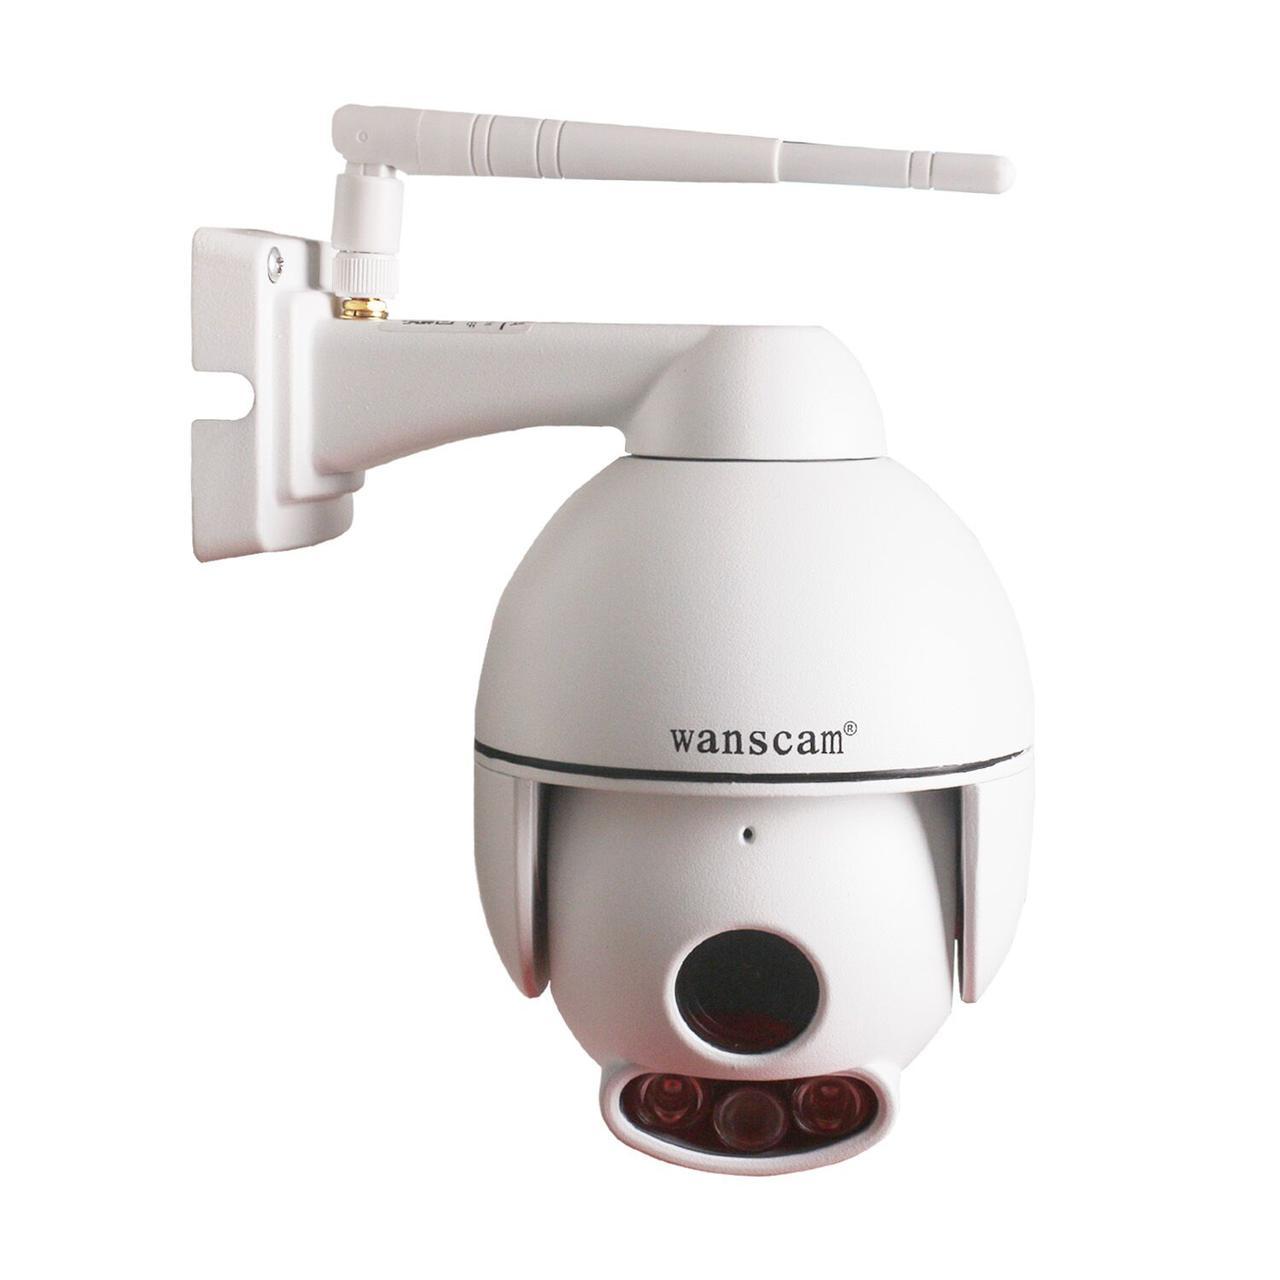 Наружная поворотная WiFi камера Wanscam HW0054 2 MP Full HD 1920*1080